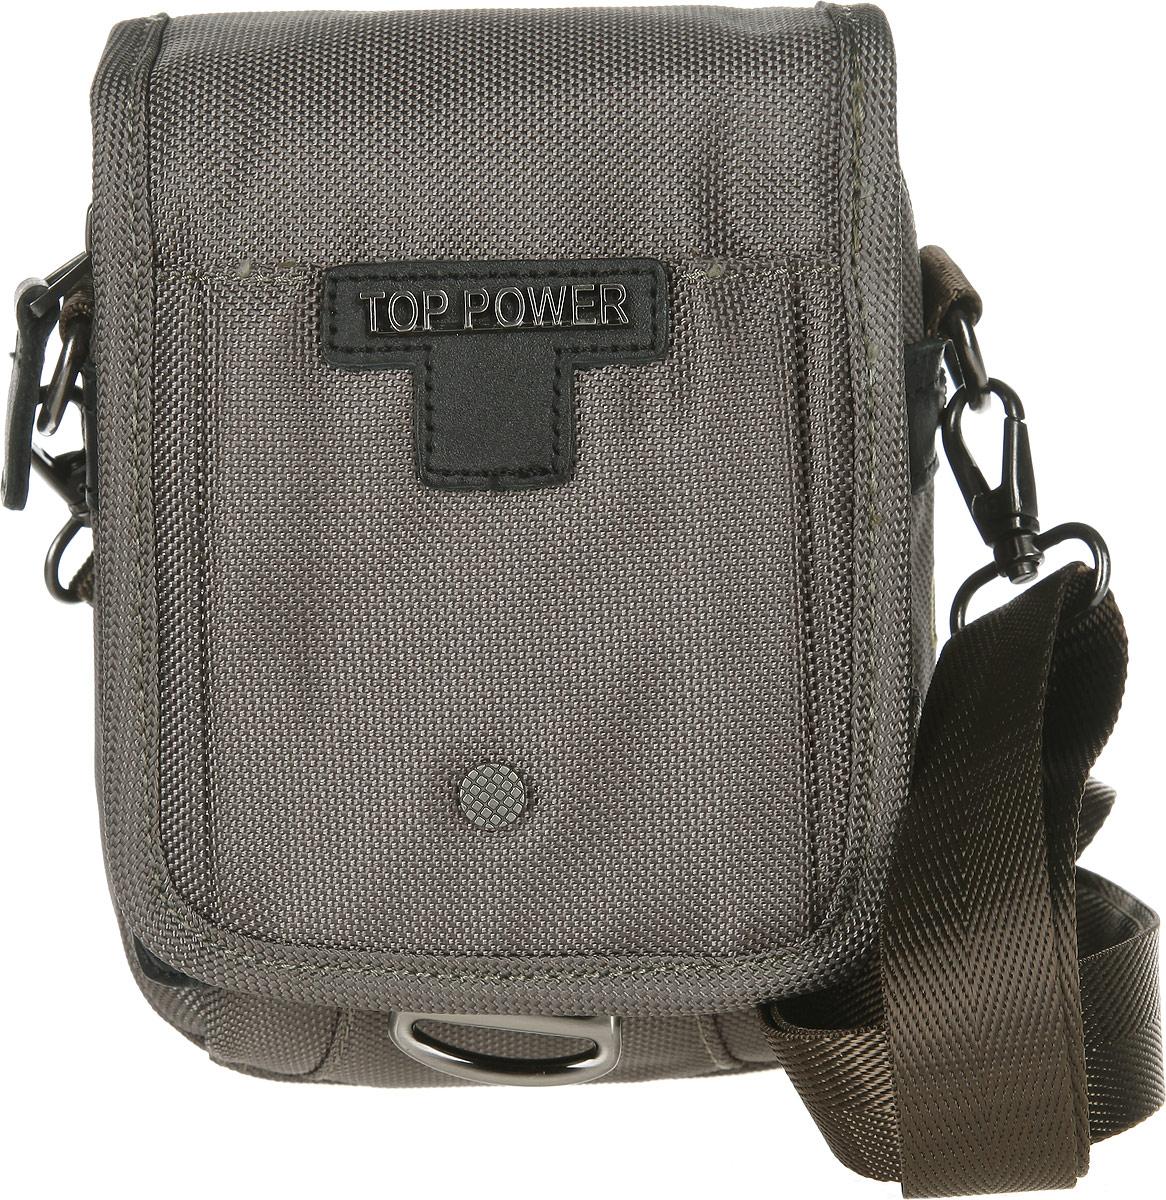 Сумка-планшет мужская Top Power, цвет: хаки. 6011 TP6011 TP khakiУдобная сумка-планшет Top Power изготовлена из нейлона, оформлена металлической фурнитурой и символикой бренда. Изделие содержит одно основное отделение, которое закрывается на молнию и дополнительно клапаном на магнитную кнопку. Внутри расположены два накладных кармана, один из которых сетчатый. На лицевой стороне, под клапаном, расположен накладной карман на молнии. Сам клапан дополнен накладным карманом, который закрывается на липучку. На задней стороне сумки расположено крепление для фиксации изделия на поясе. Сумка оснащена съемным наплечным ремнем регулируемой длины. Практичный мужской аксессуар прекрасно дополнит образ и подчеркнет ваш деловой стиль.